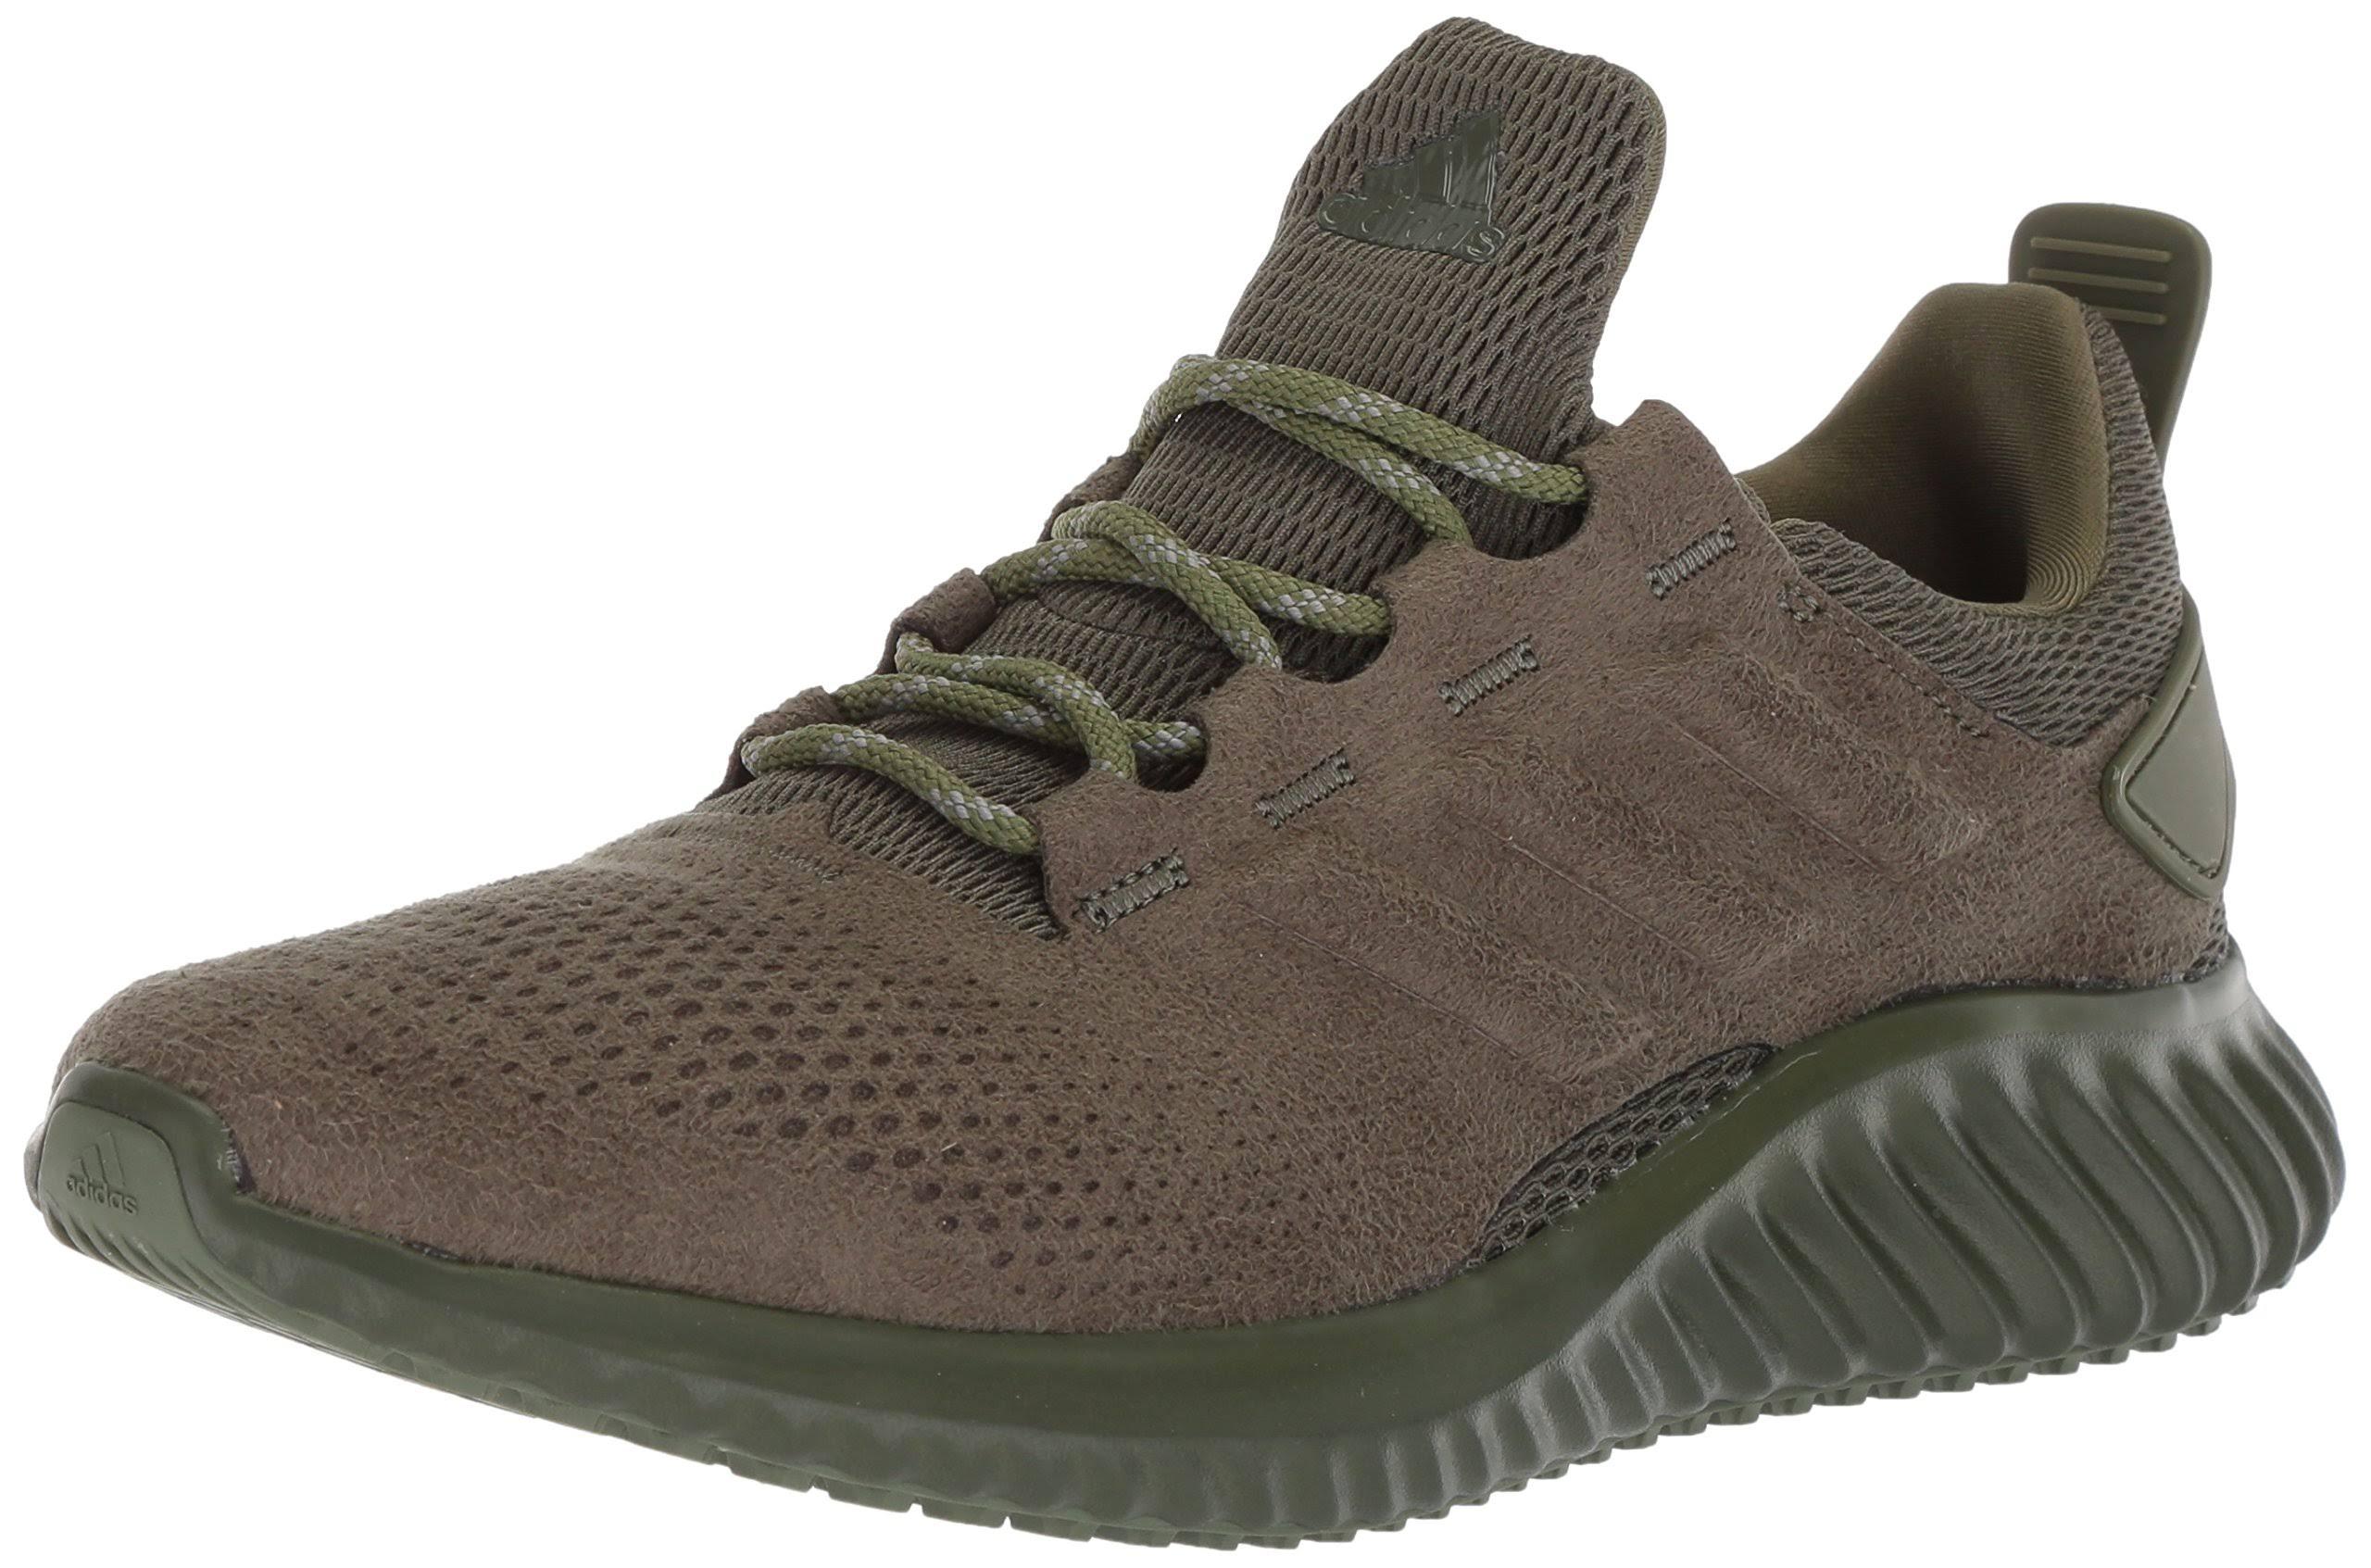 Alphabounce De Running Cr Tamaño Adidas Zapatillas Hombre 8 Para Cg4572300 SPFvddxpwq